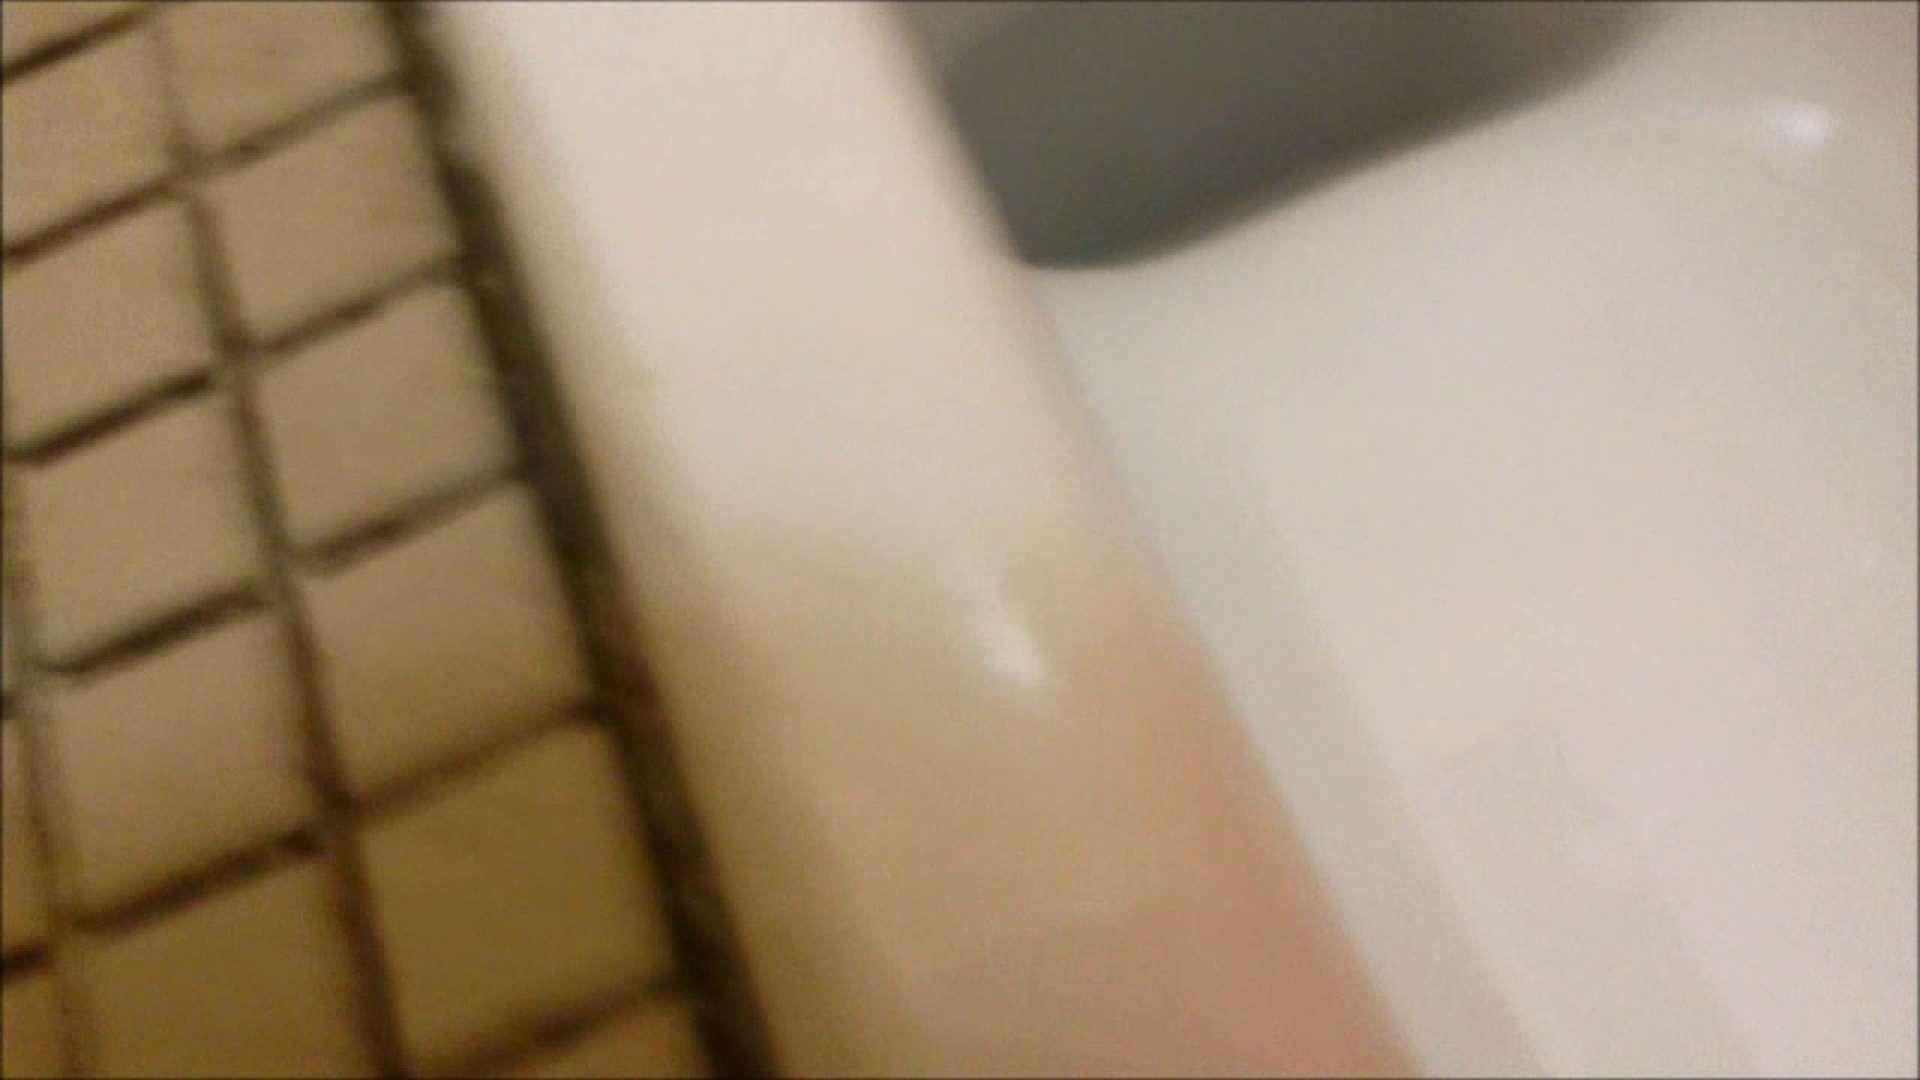 某有名大学女性洗面所 vol.11 潜入エロ調査   和式  42連発 9